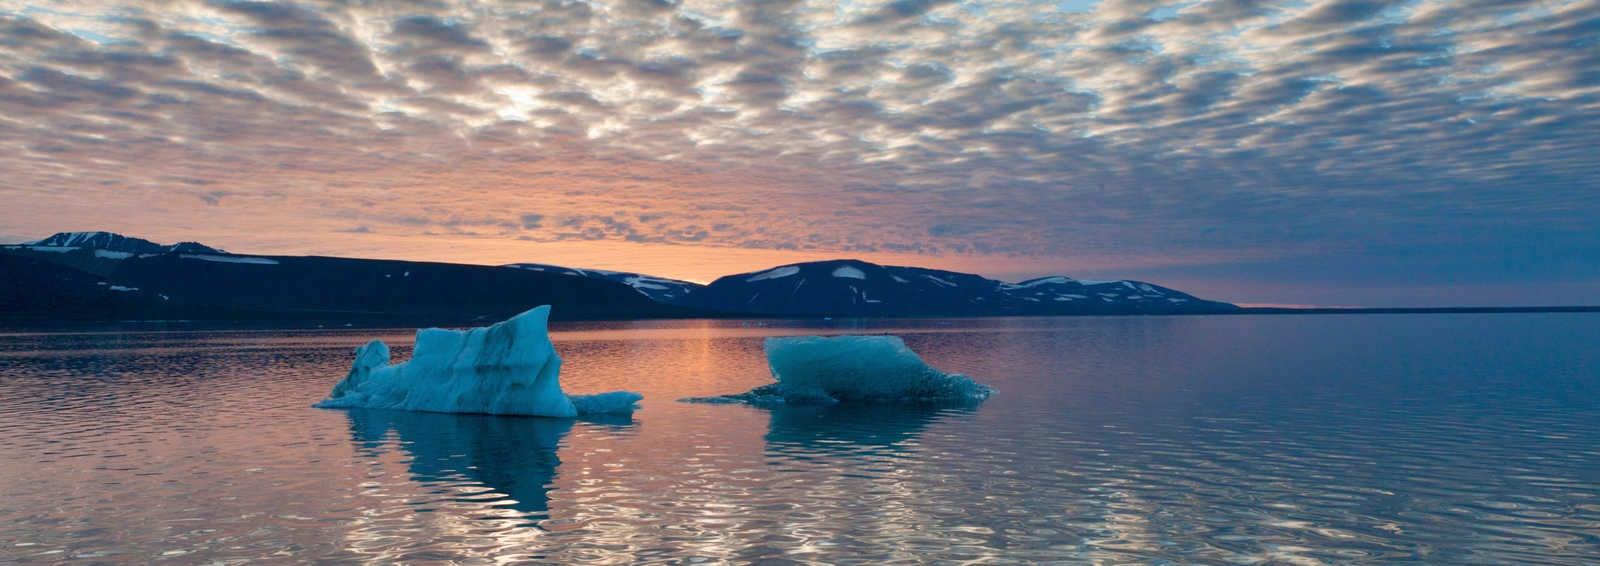 Evening light in Svalbard